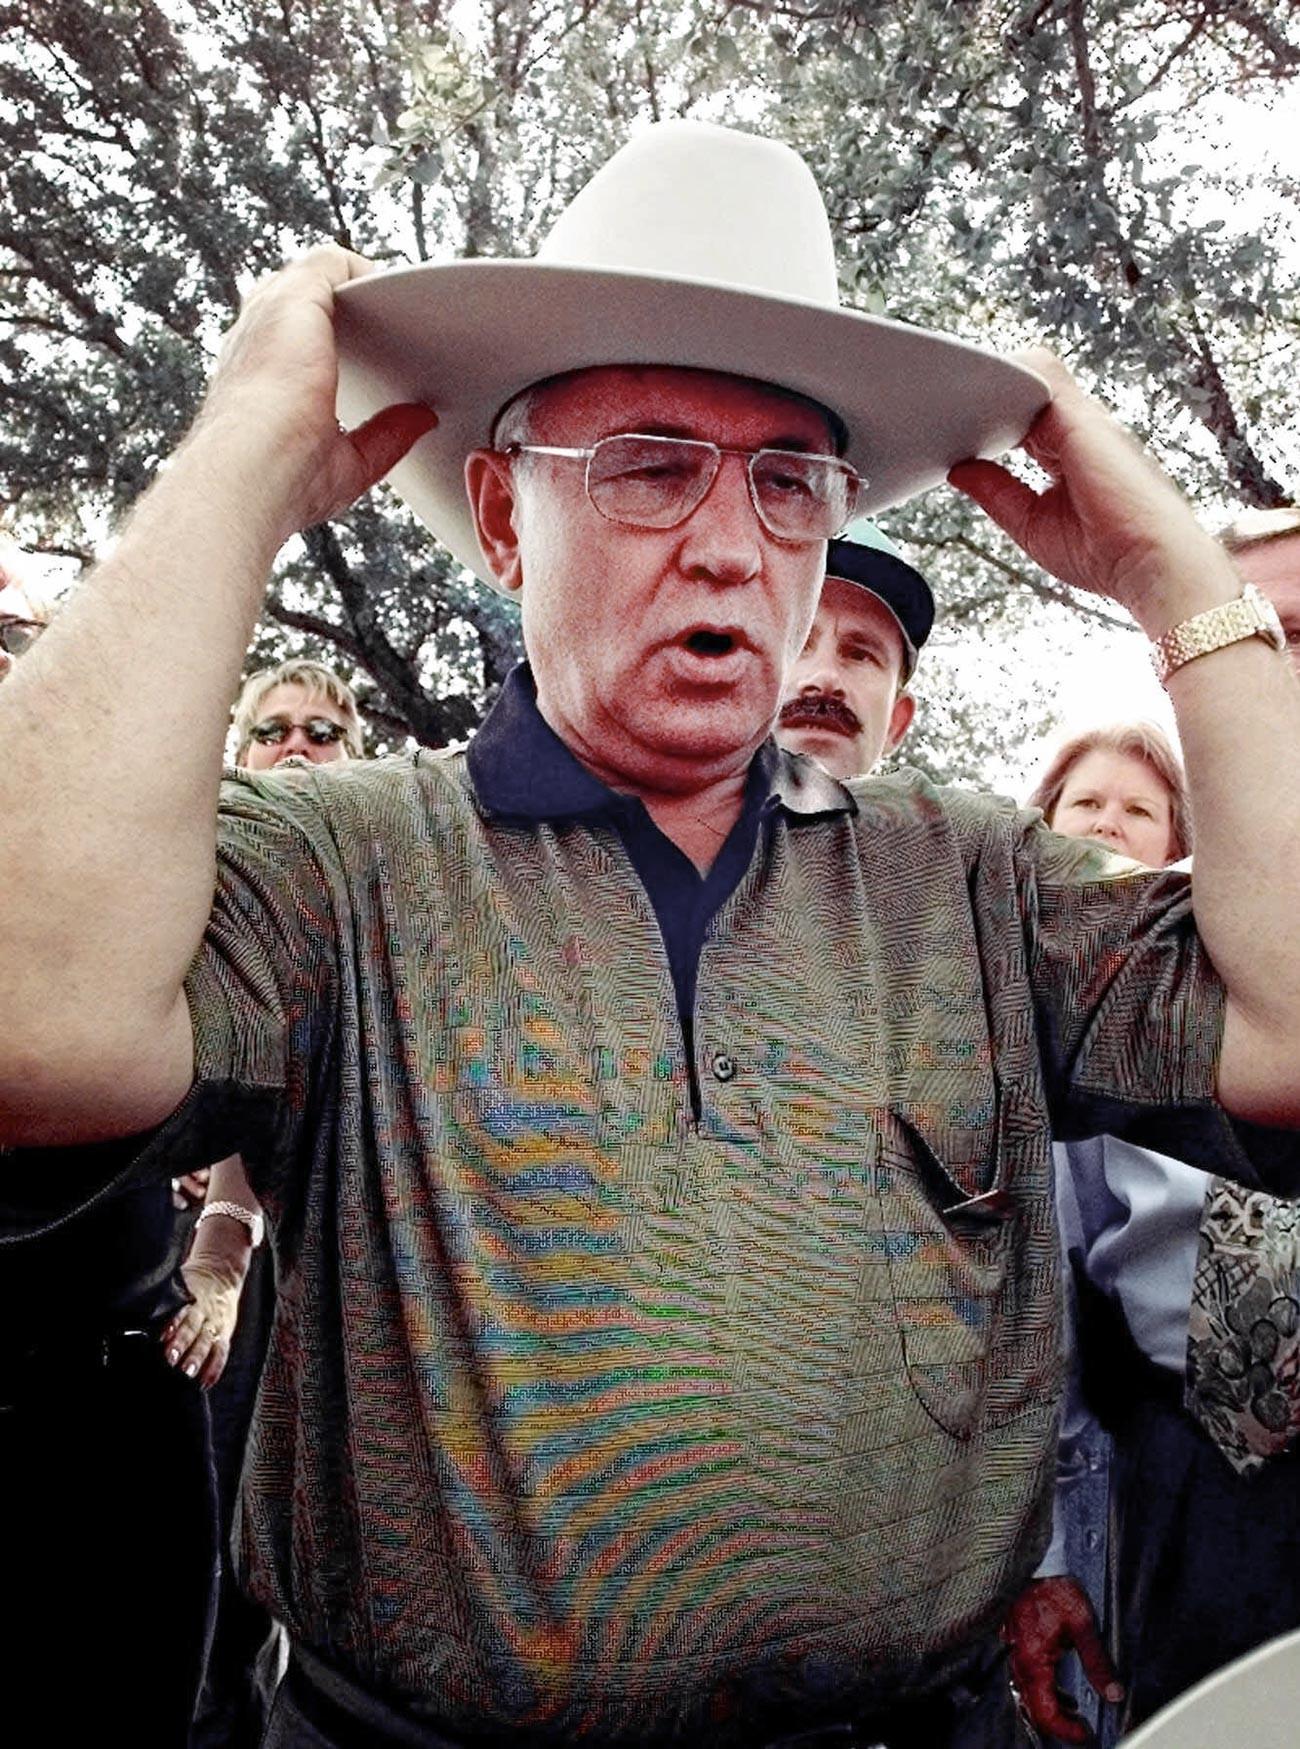 Бивши совјетски председник Михаил Горбачов ставља наопако каубојску капу на сајму током посете Даласу (Тексас). Уторак 13. октобар 1998. Горбачов је дошао у Далас да одржи предавање на Јужном методистичком универзитету и том приликом је добио шешир на поклон.